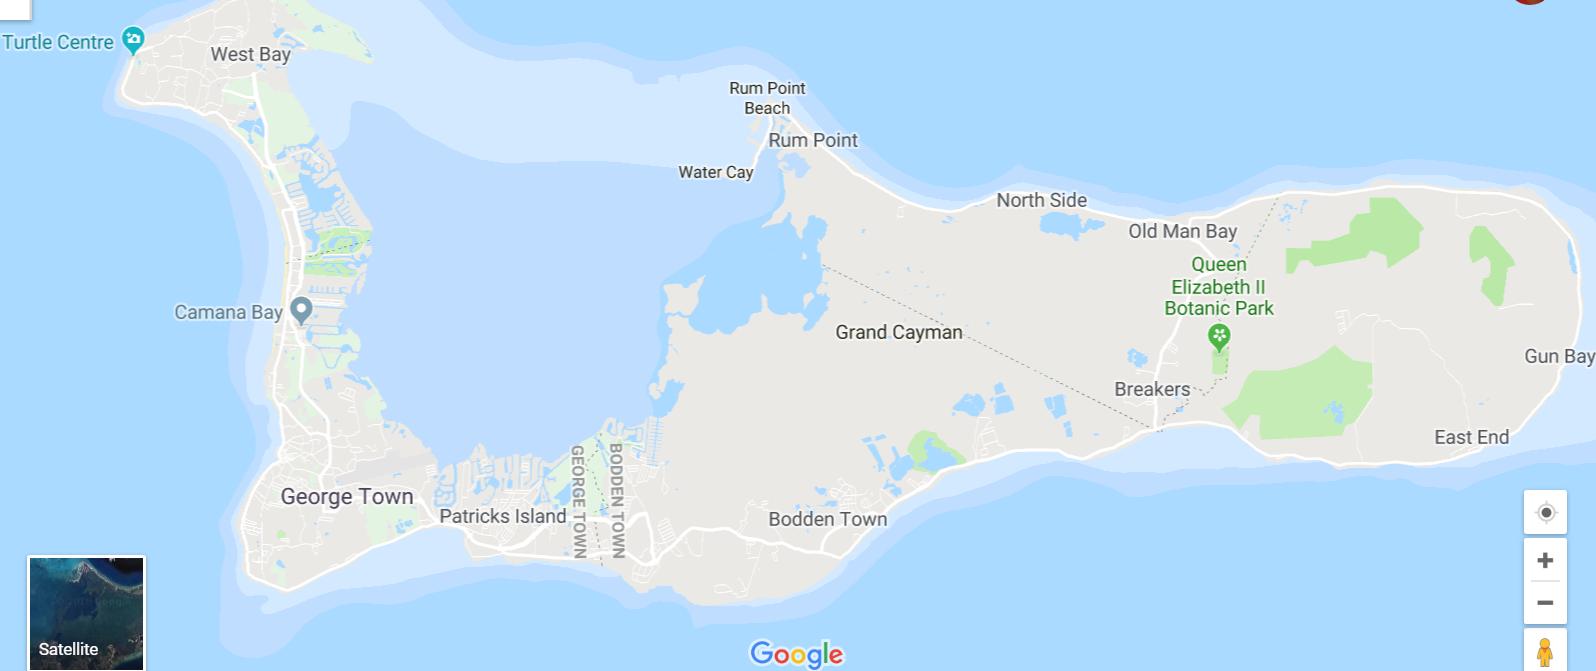 on camana bay map